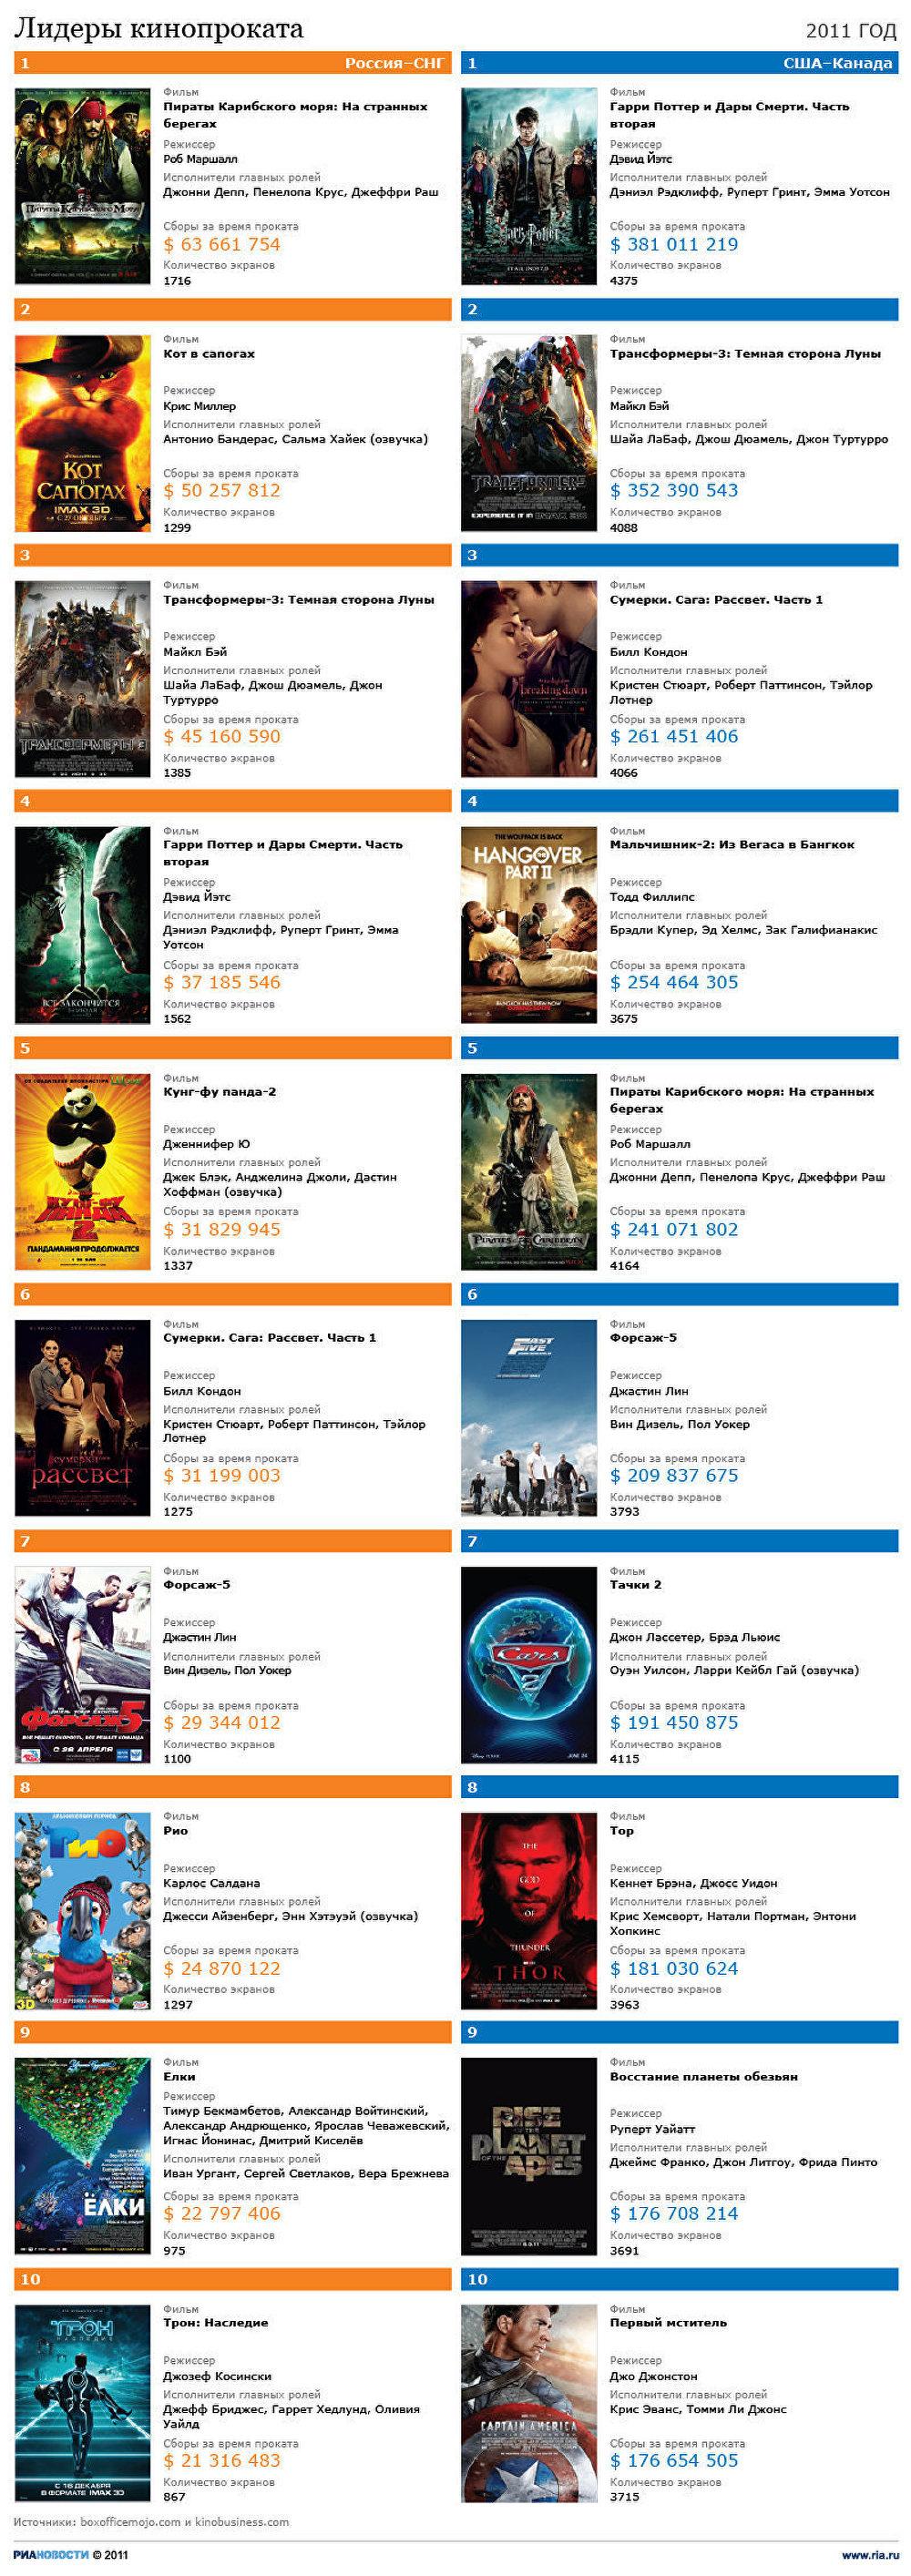 Лидеры кинопроката 2011 года